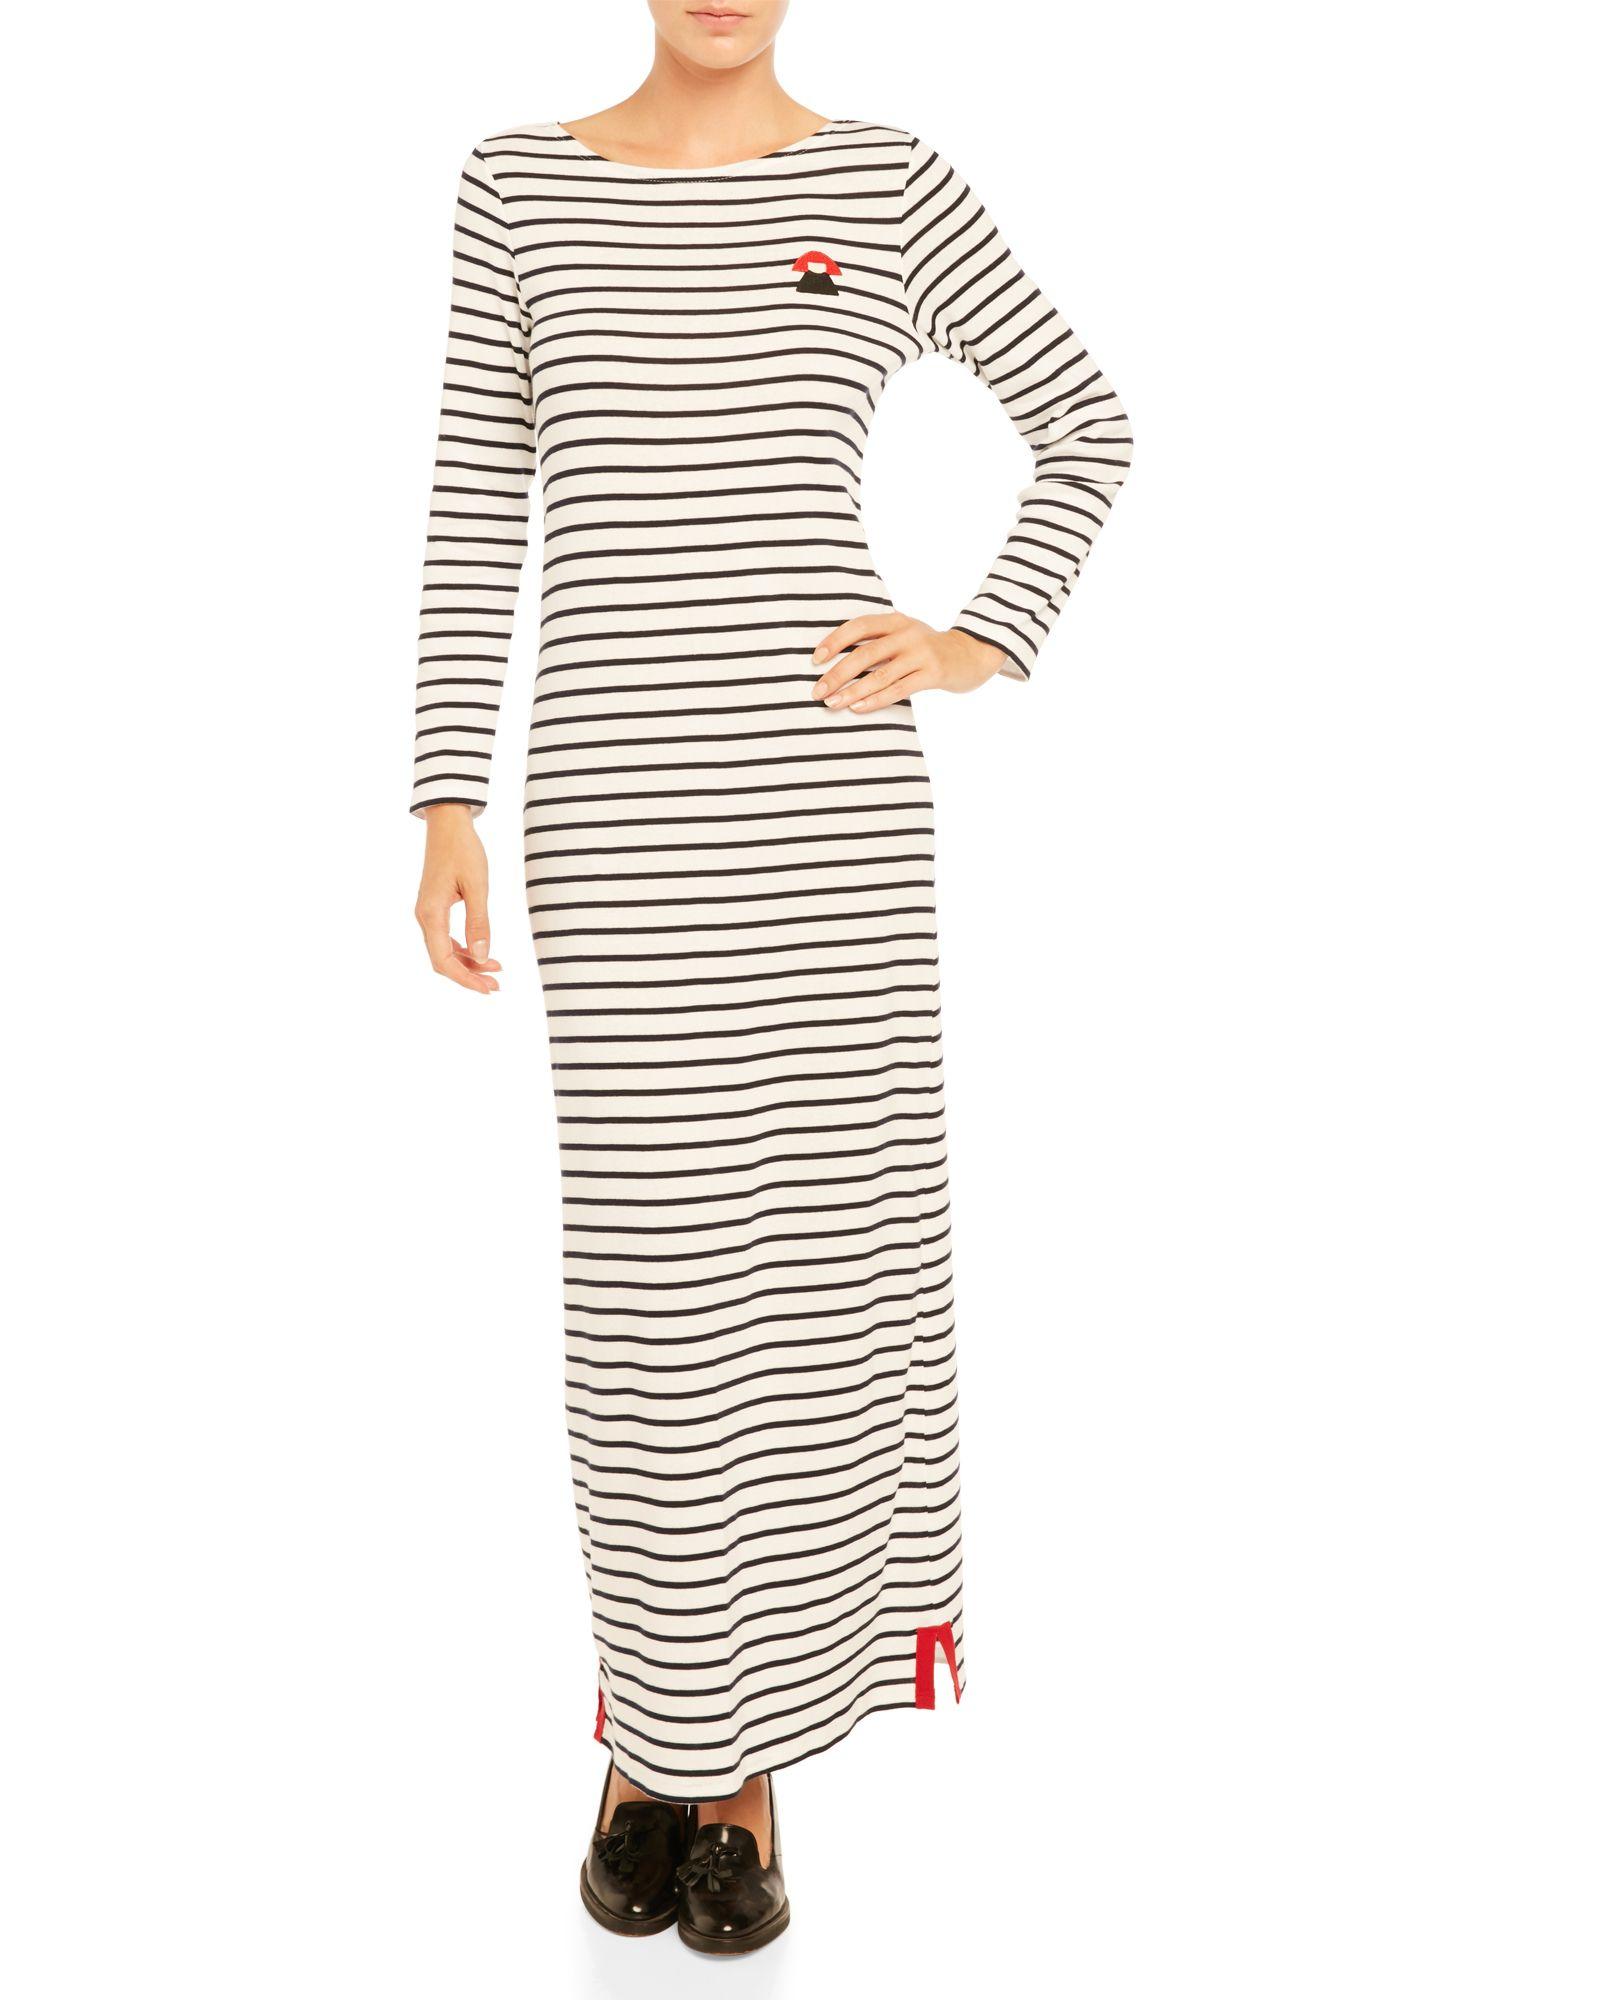 d807316925 Stripe Knit Maxi Dress | Sonia Rykiel RIP | Striped knit, Dresses ...